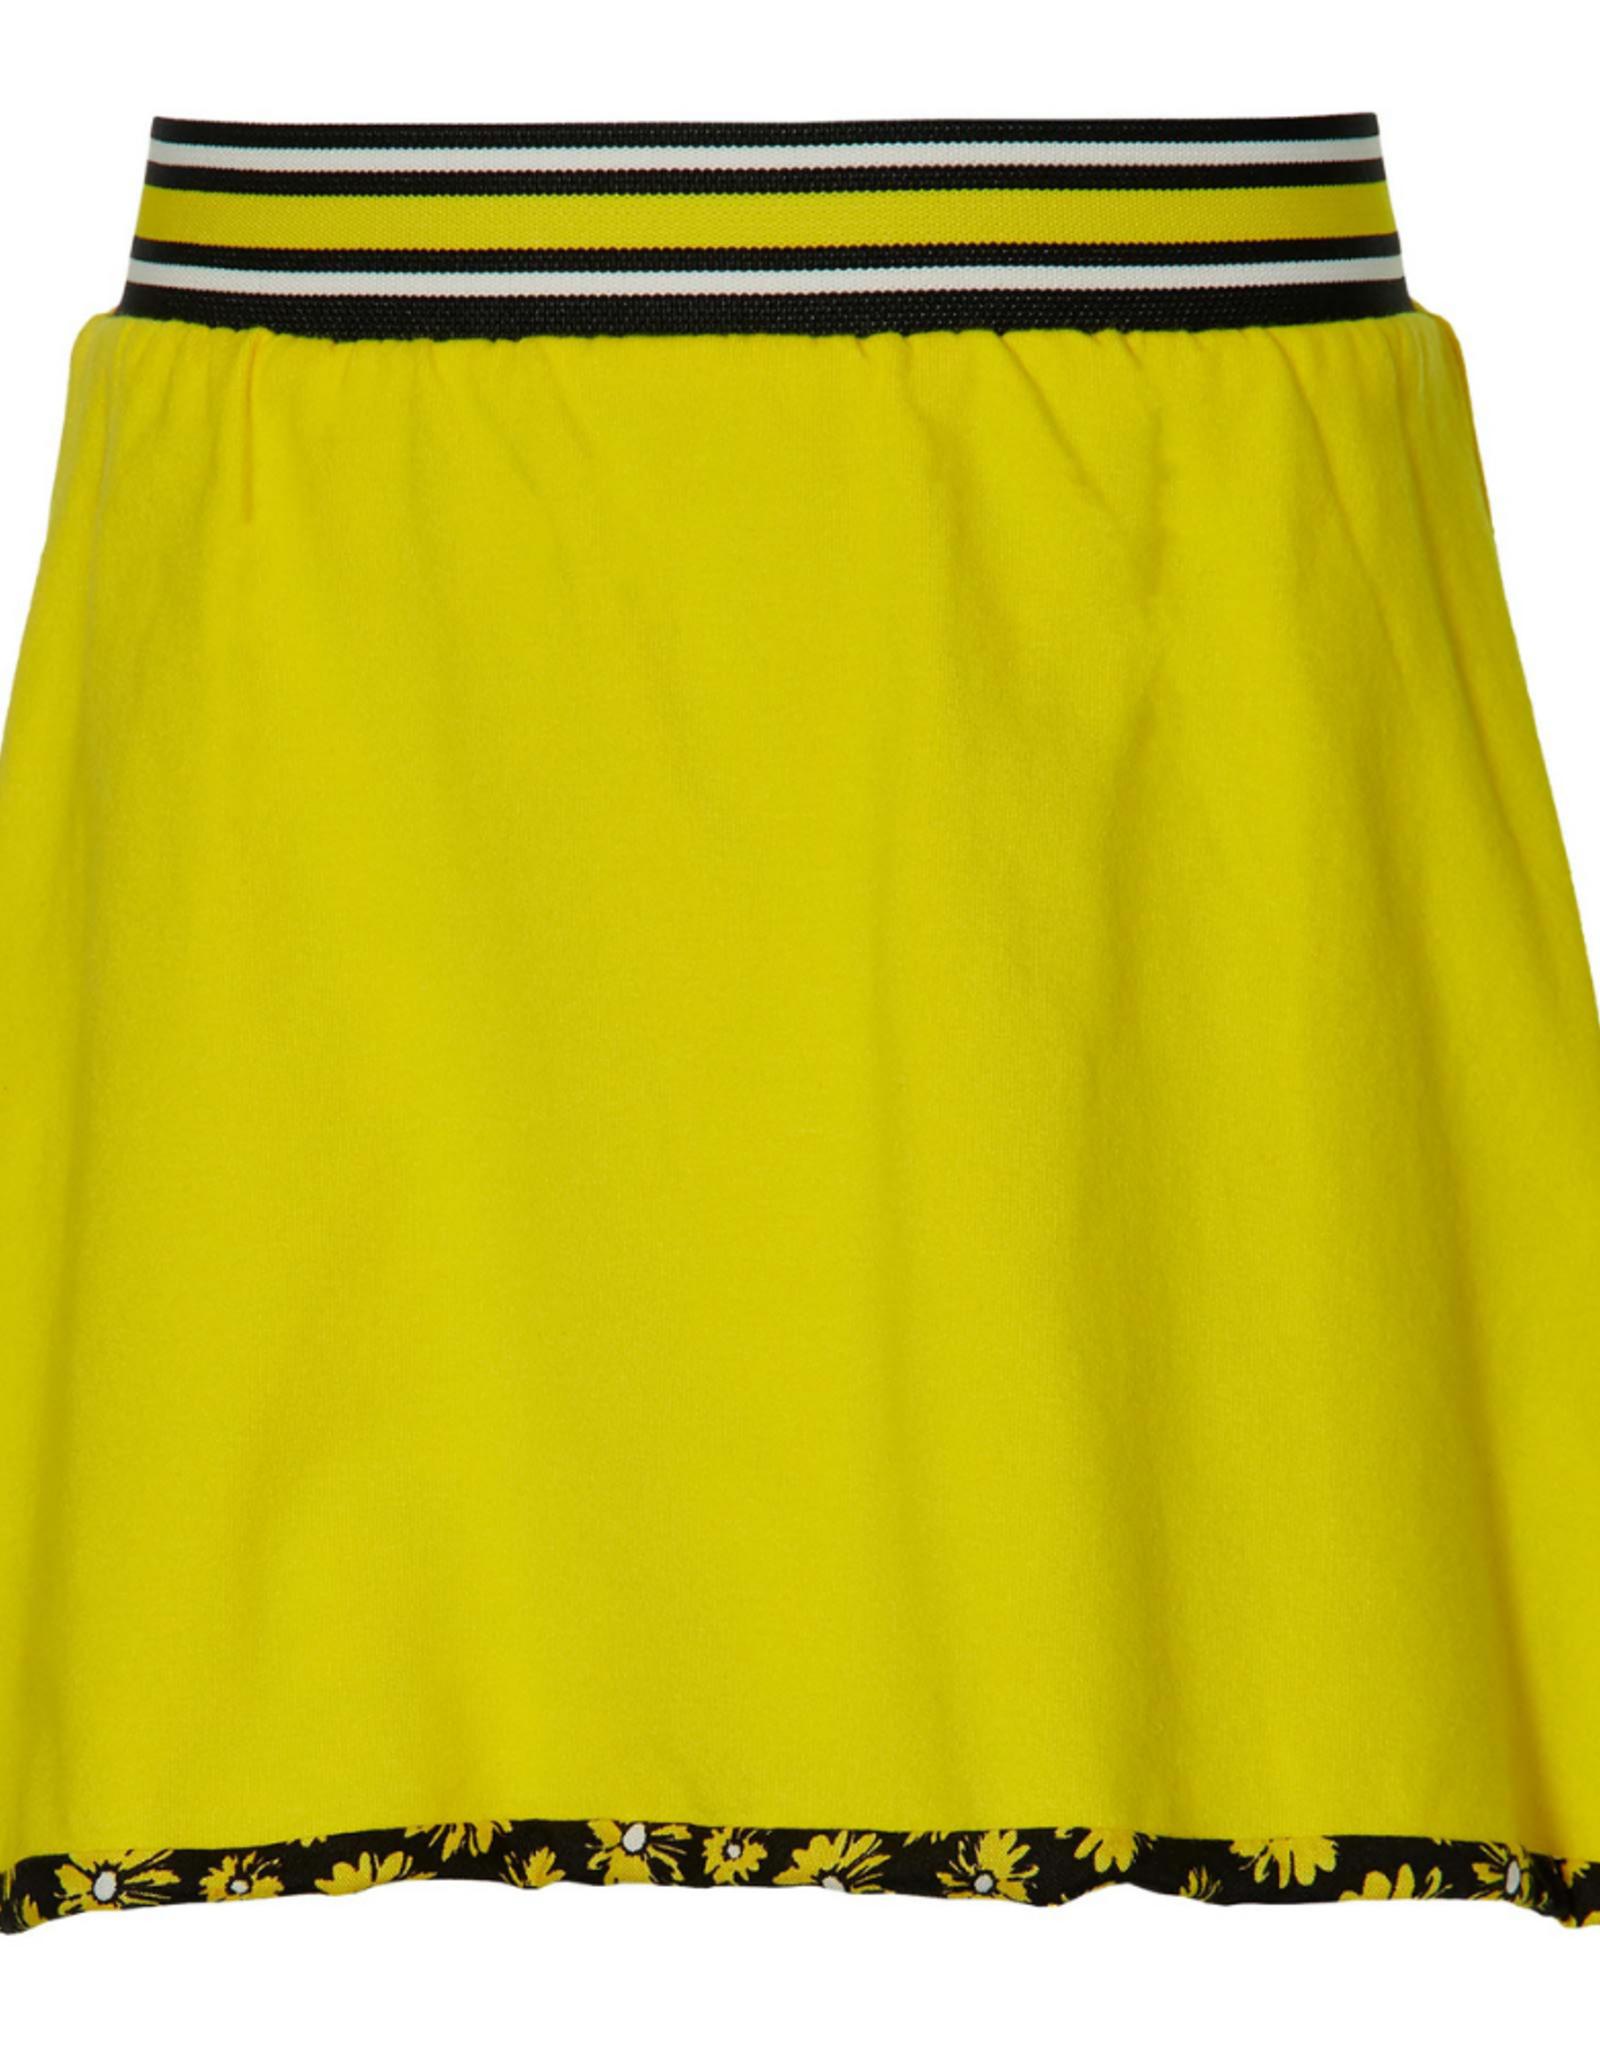 Quapi Quapi rokje FILIJN summer yellow